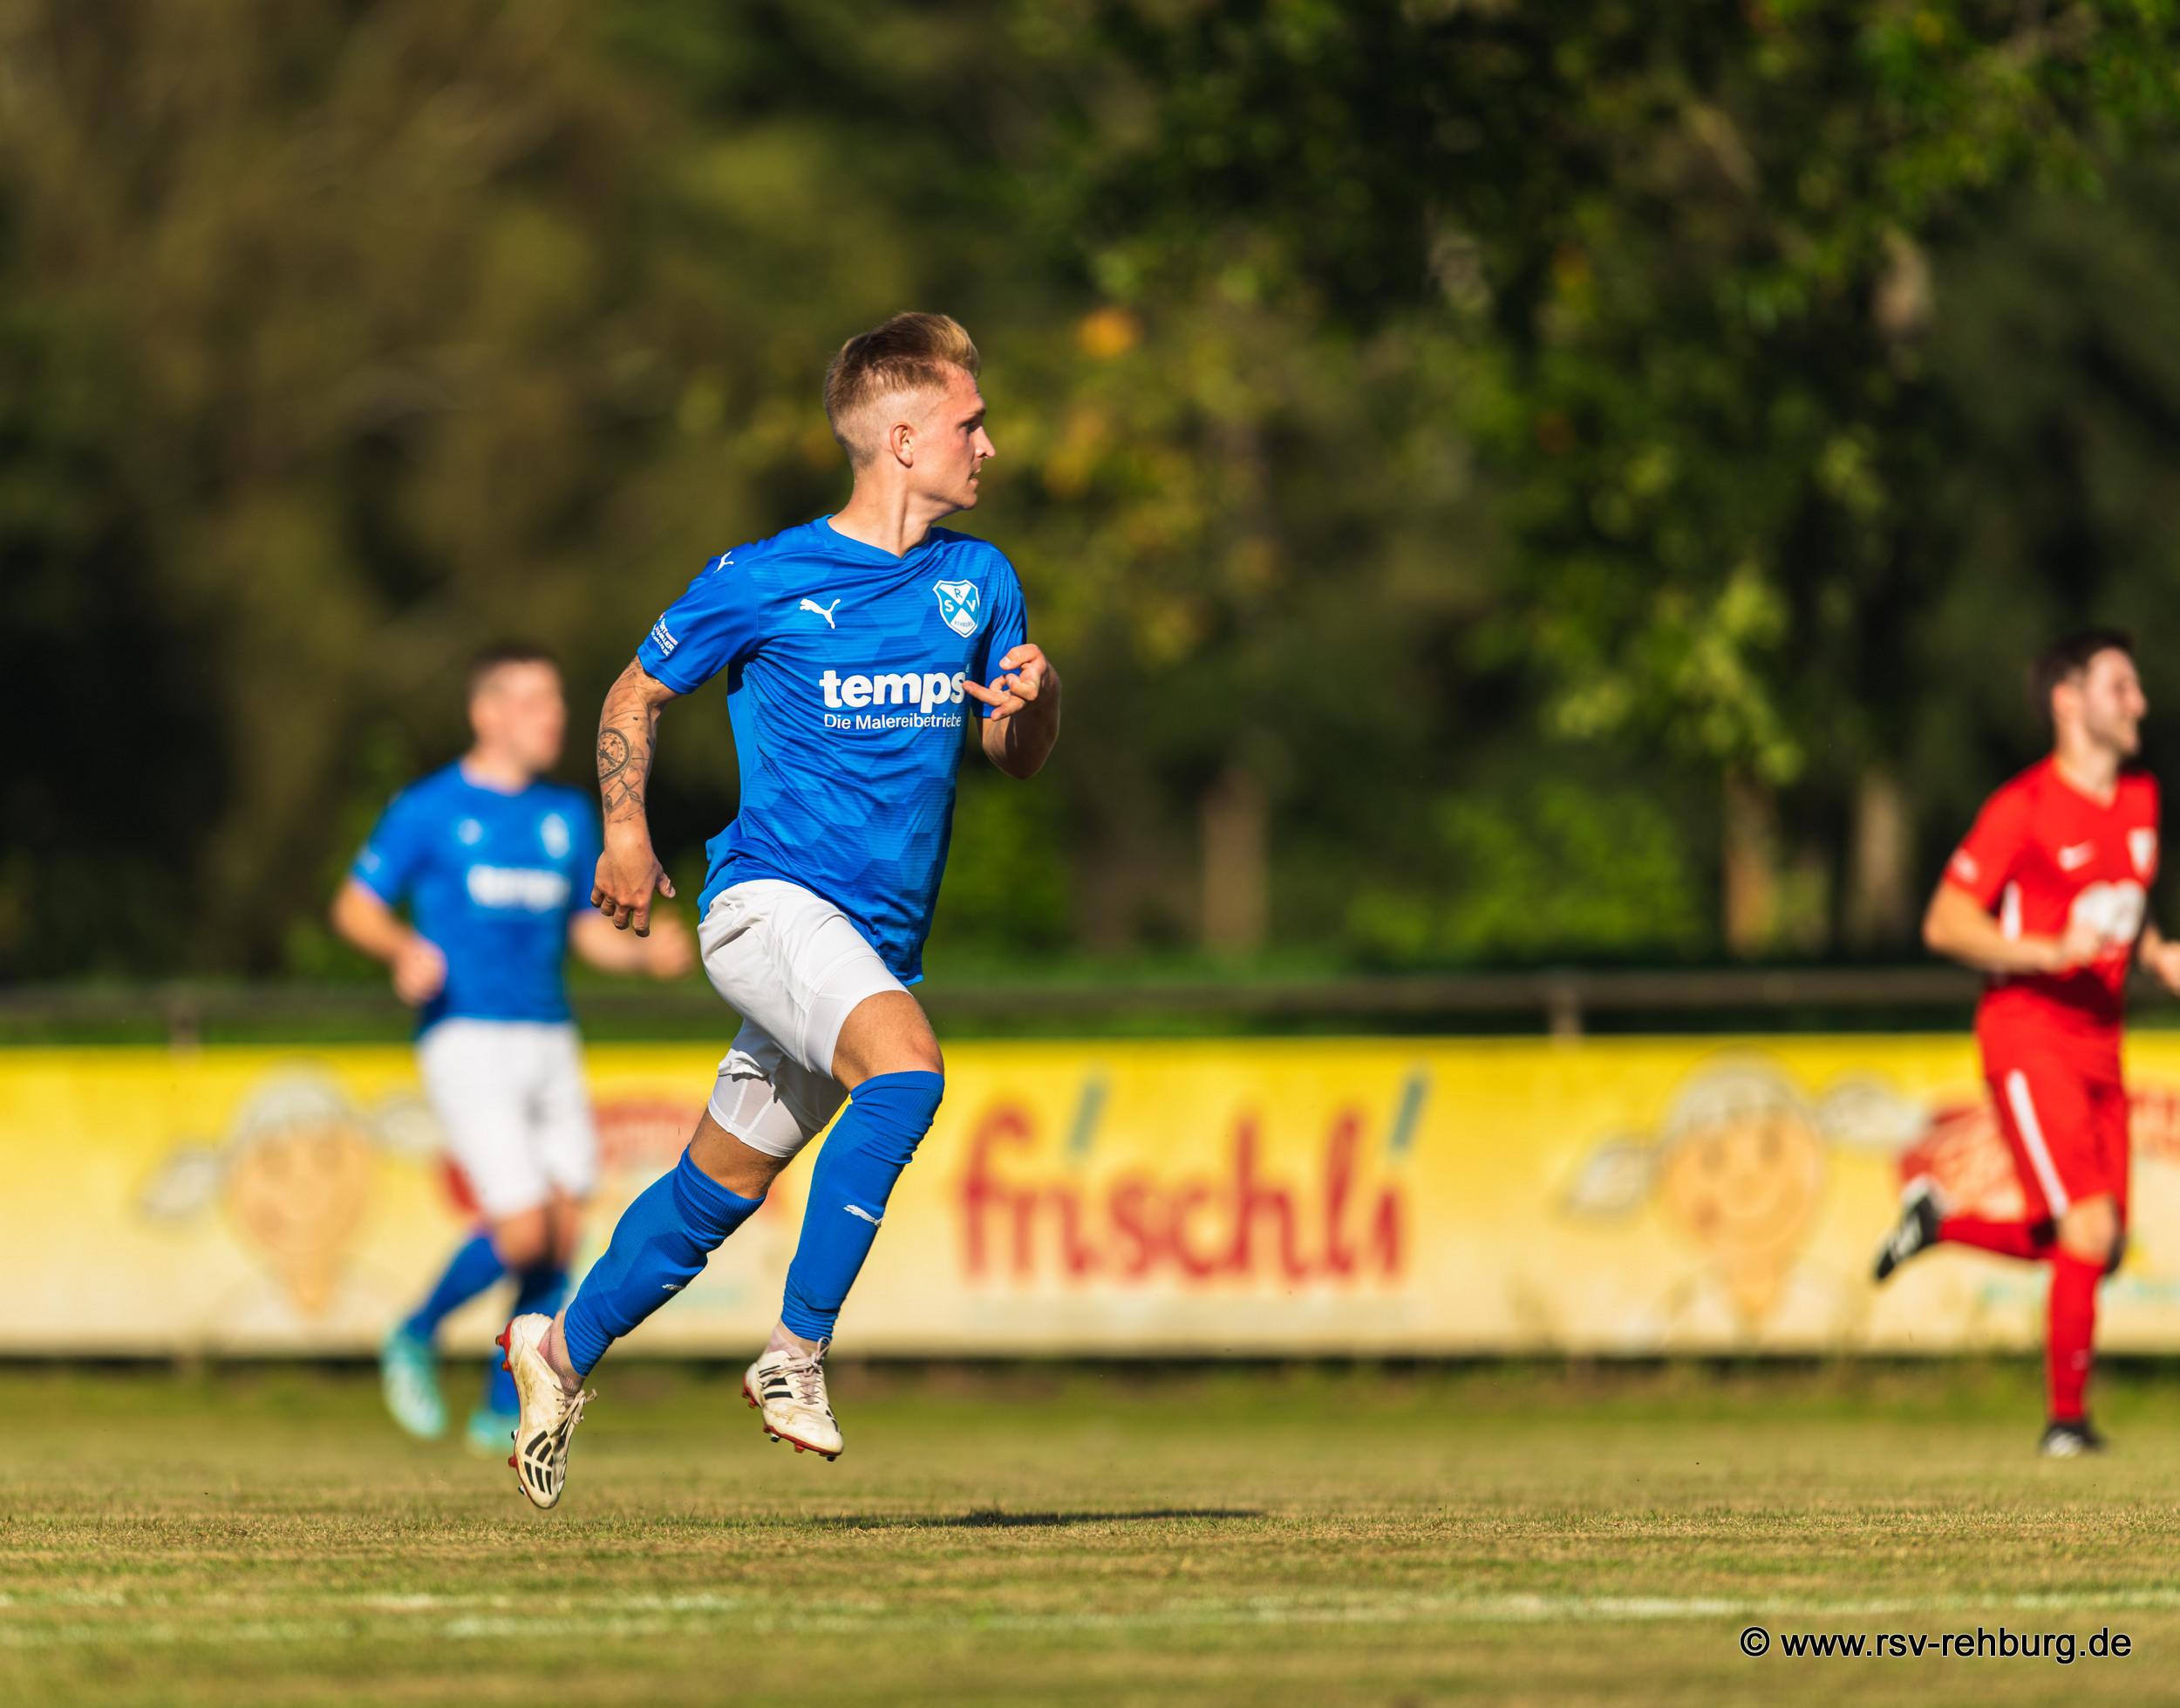 Rehburg siegt mit 3:0 in Eystrup